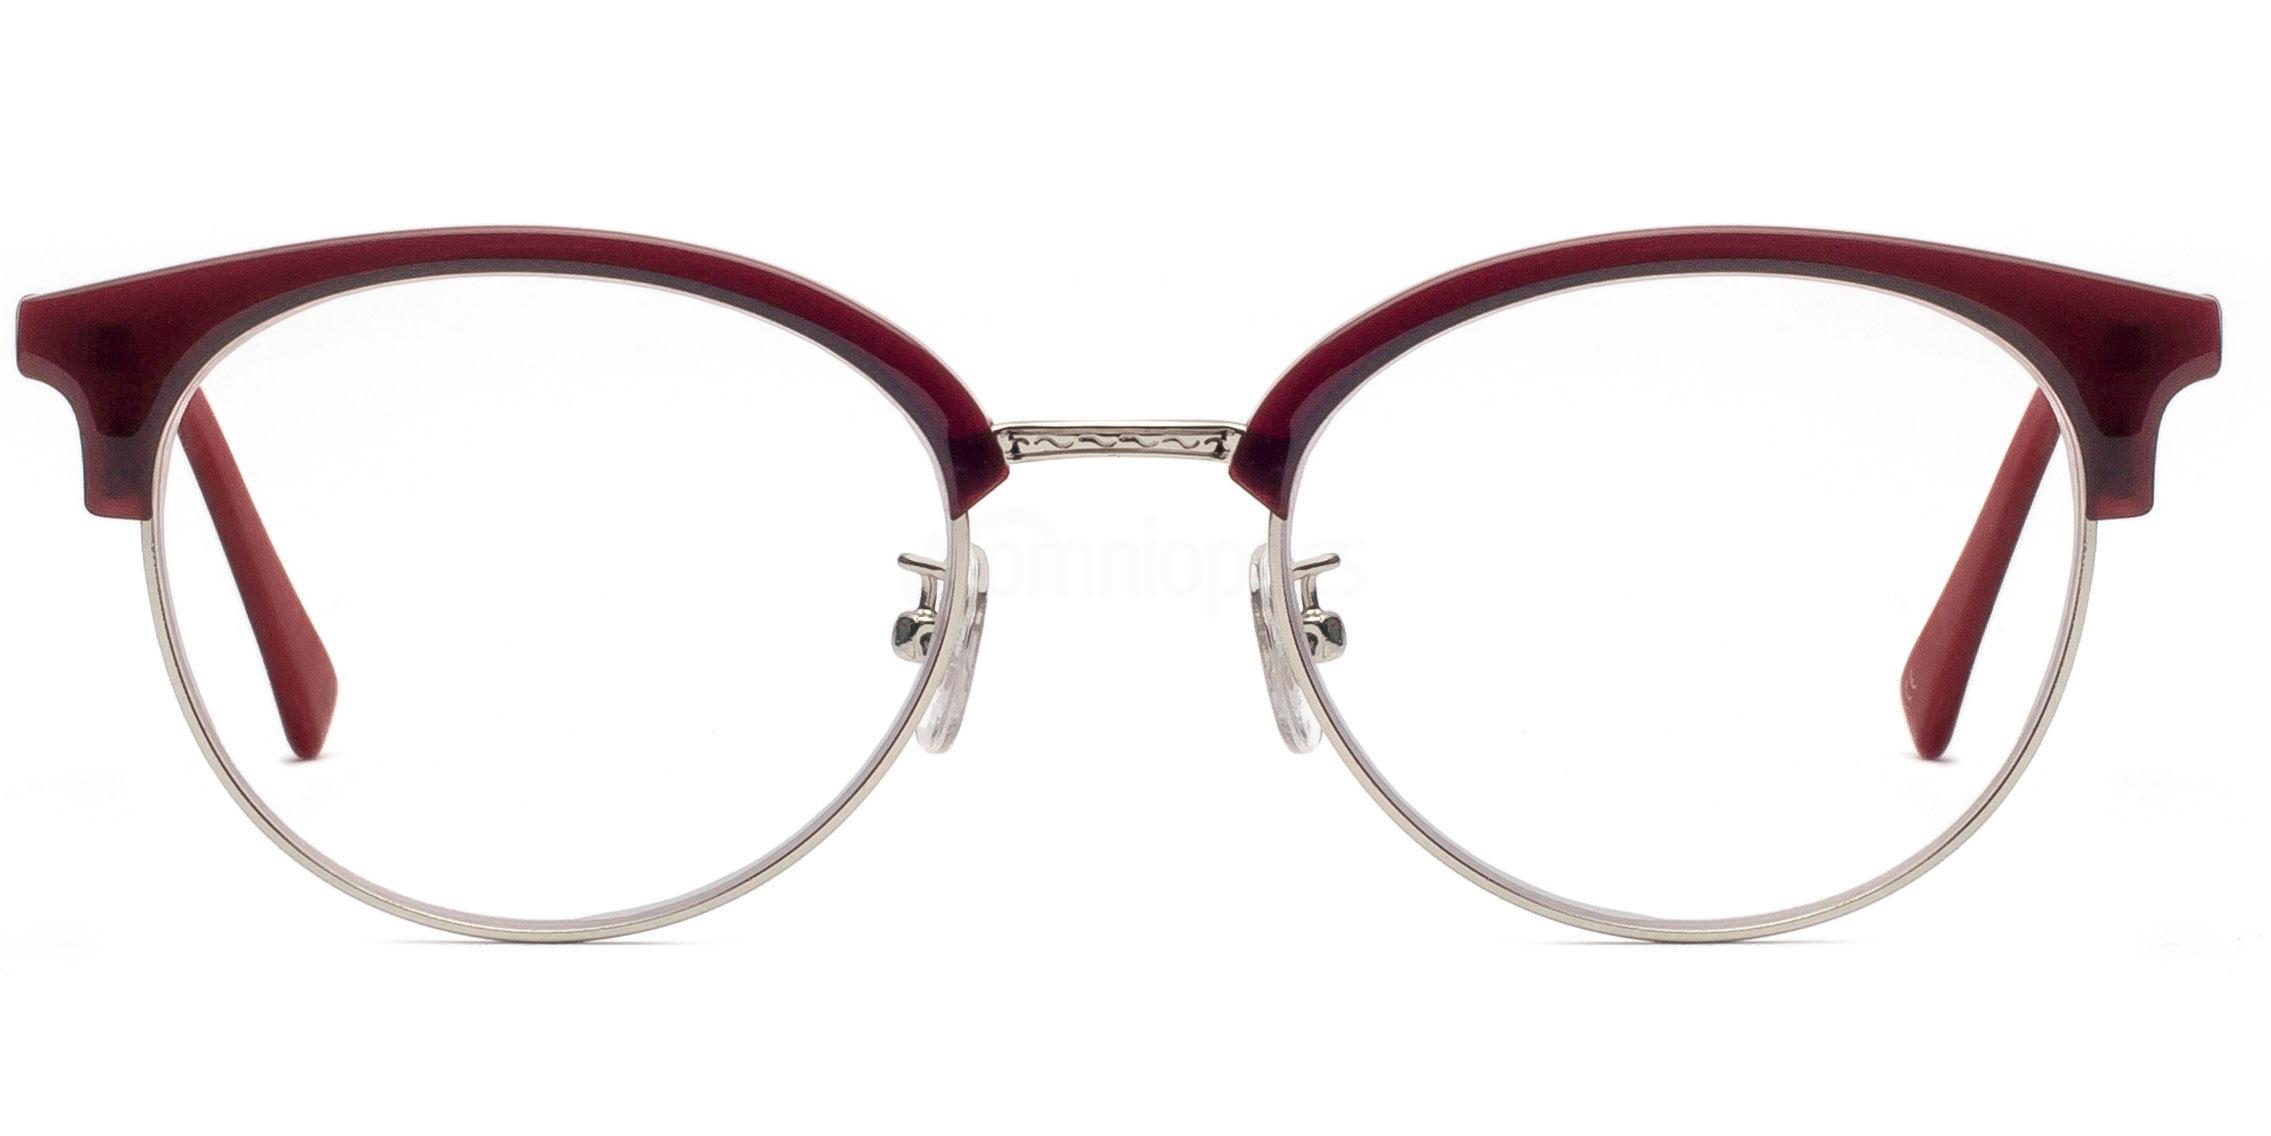 C10 5013 Glasses, Savannah